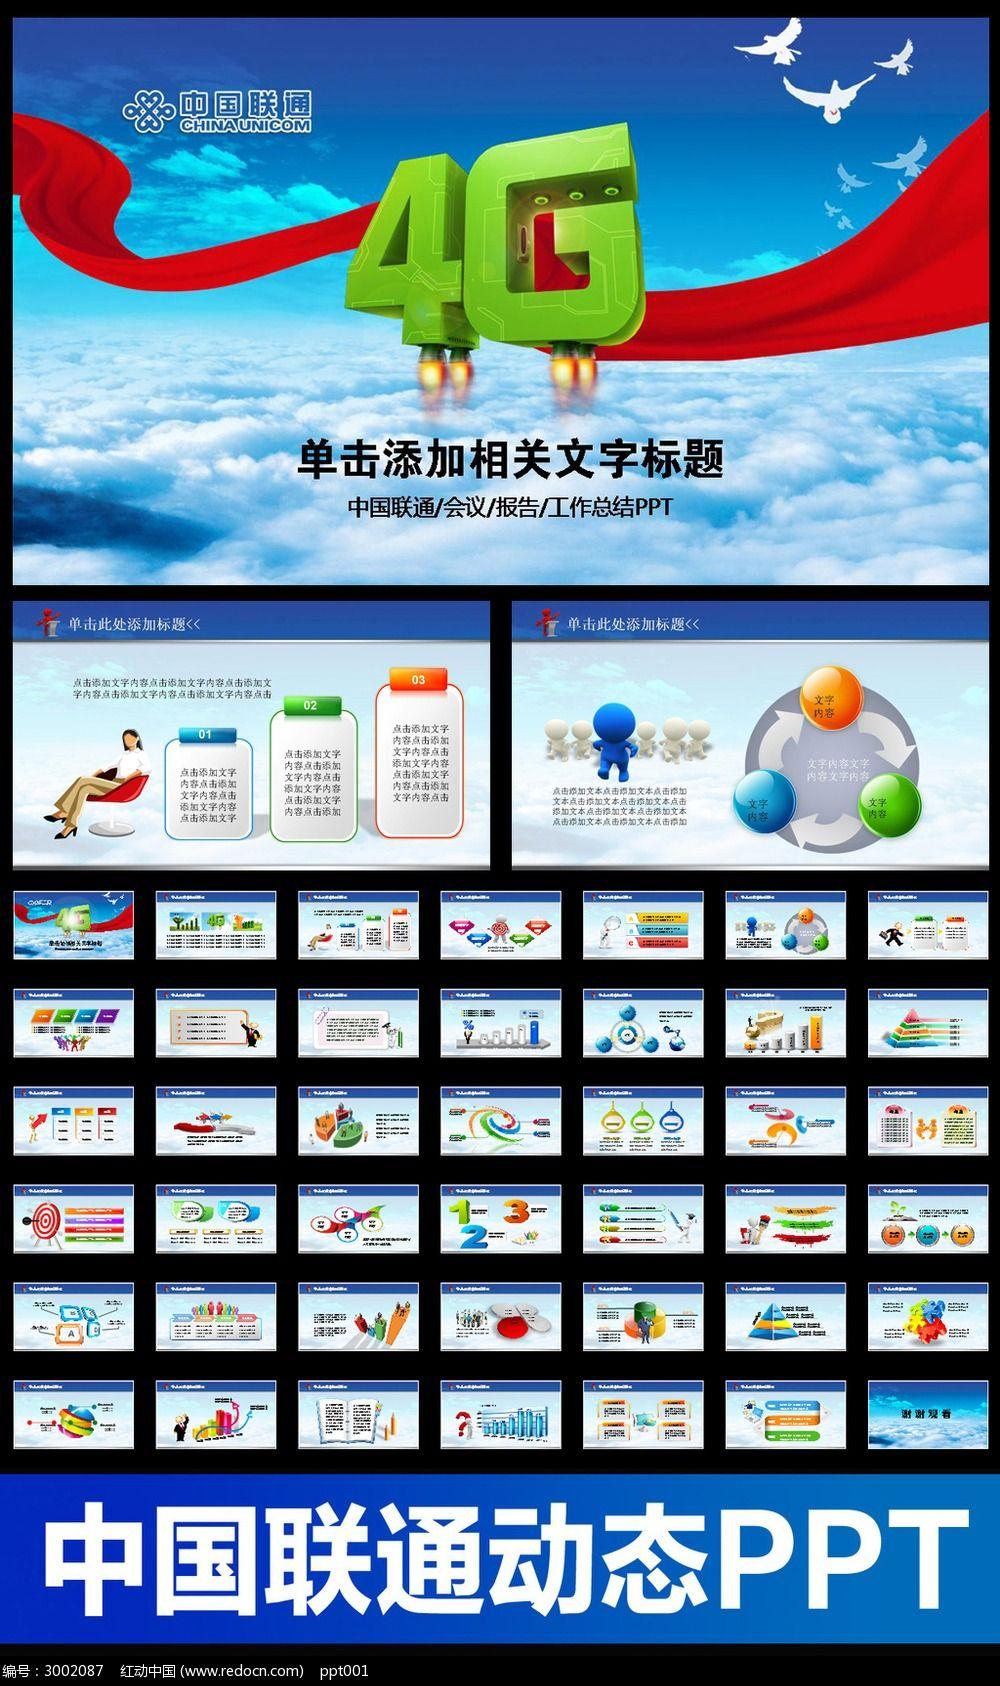 服务 网络 电脑 蓝色 业绩 4G 中国联通4G 精彩在沃 PPT PPT模板